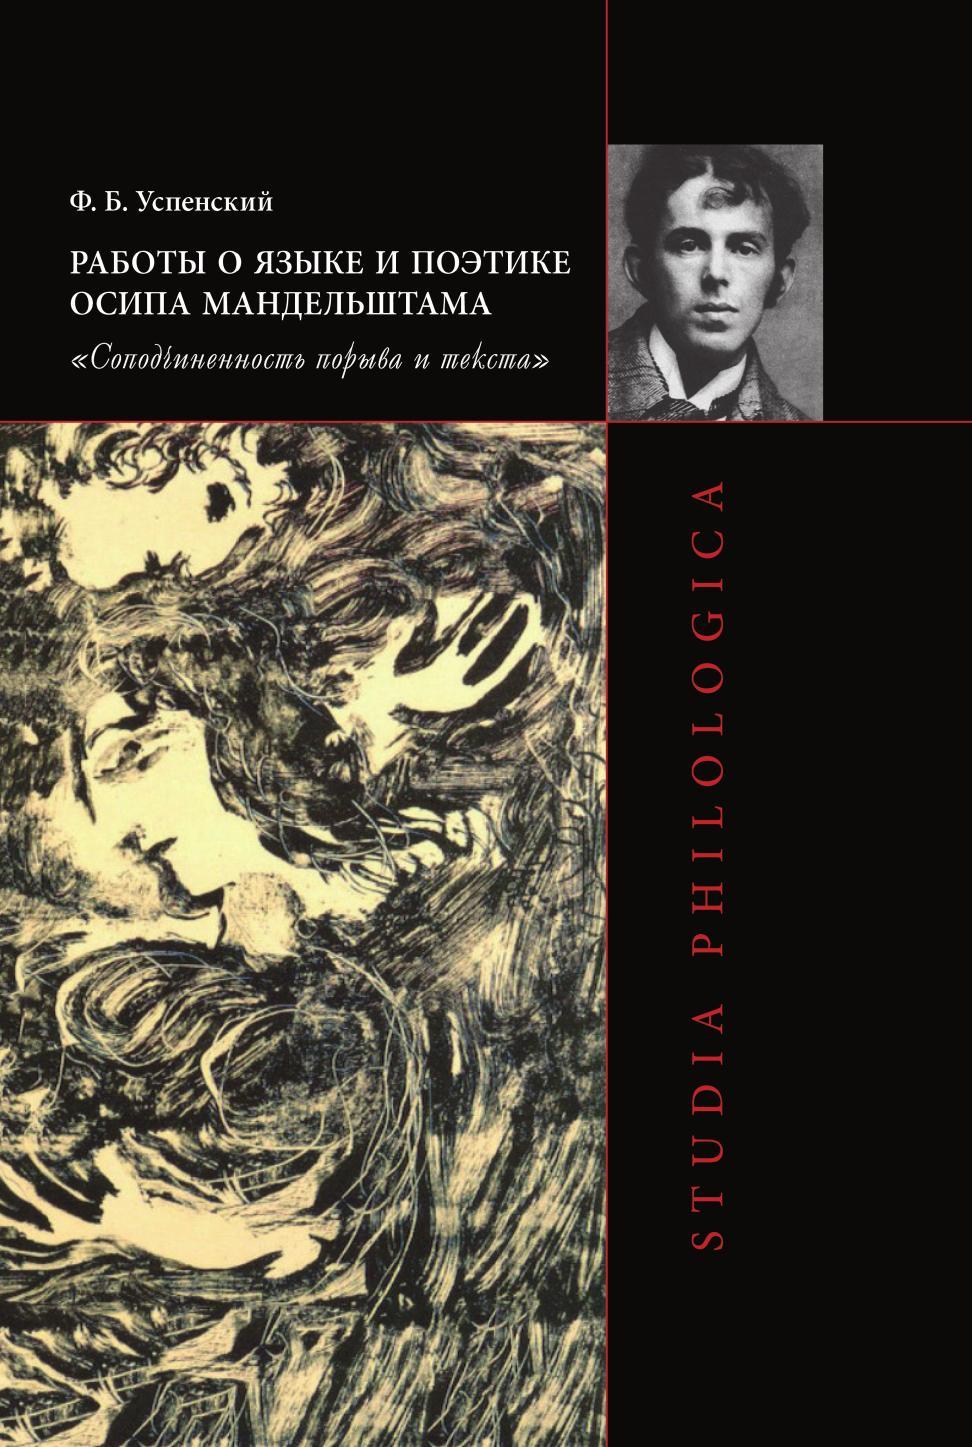 Работы о языке и поэтике Осипа Мандельштама. \